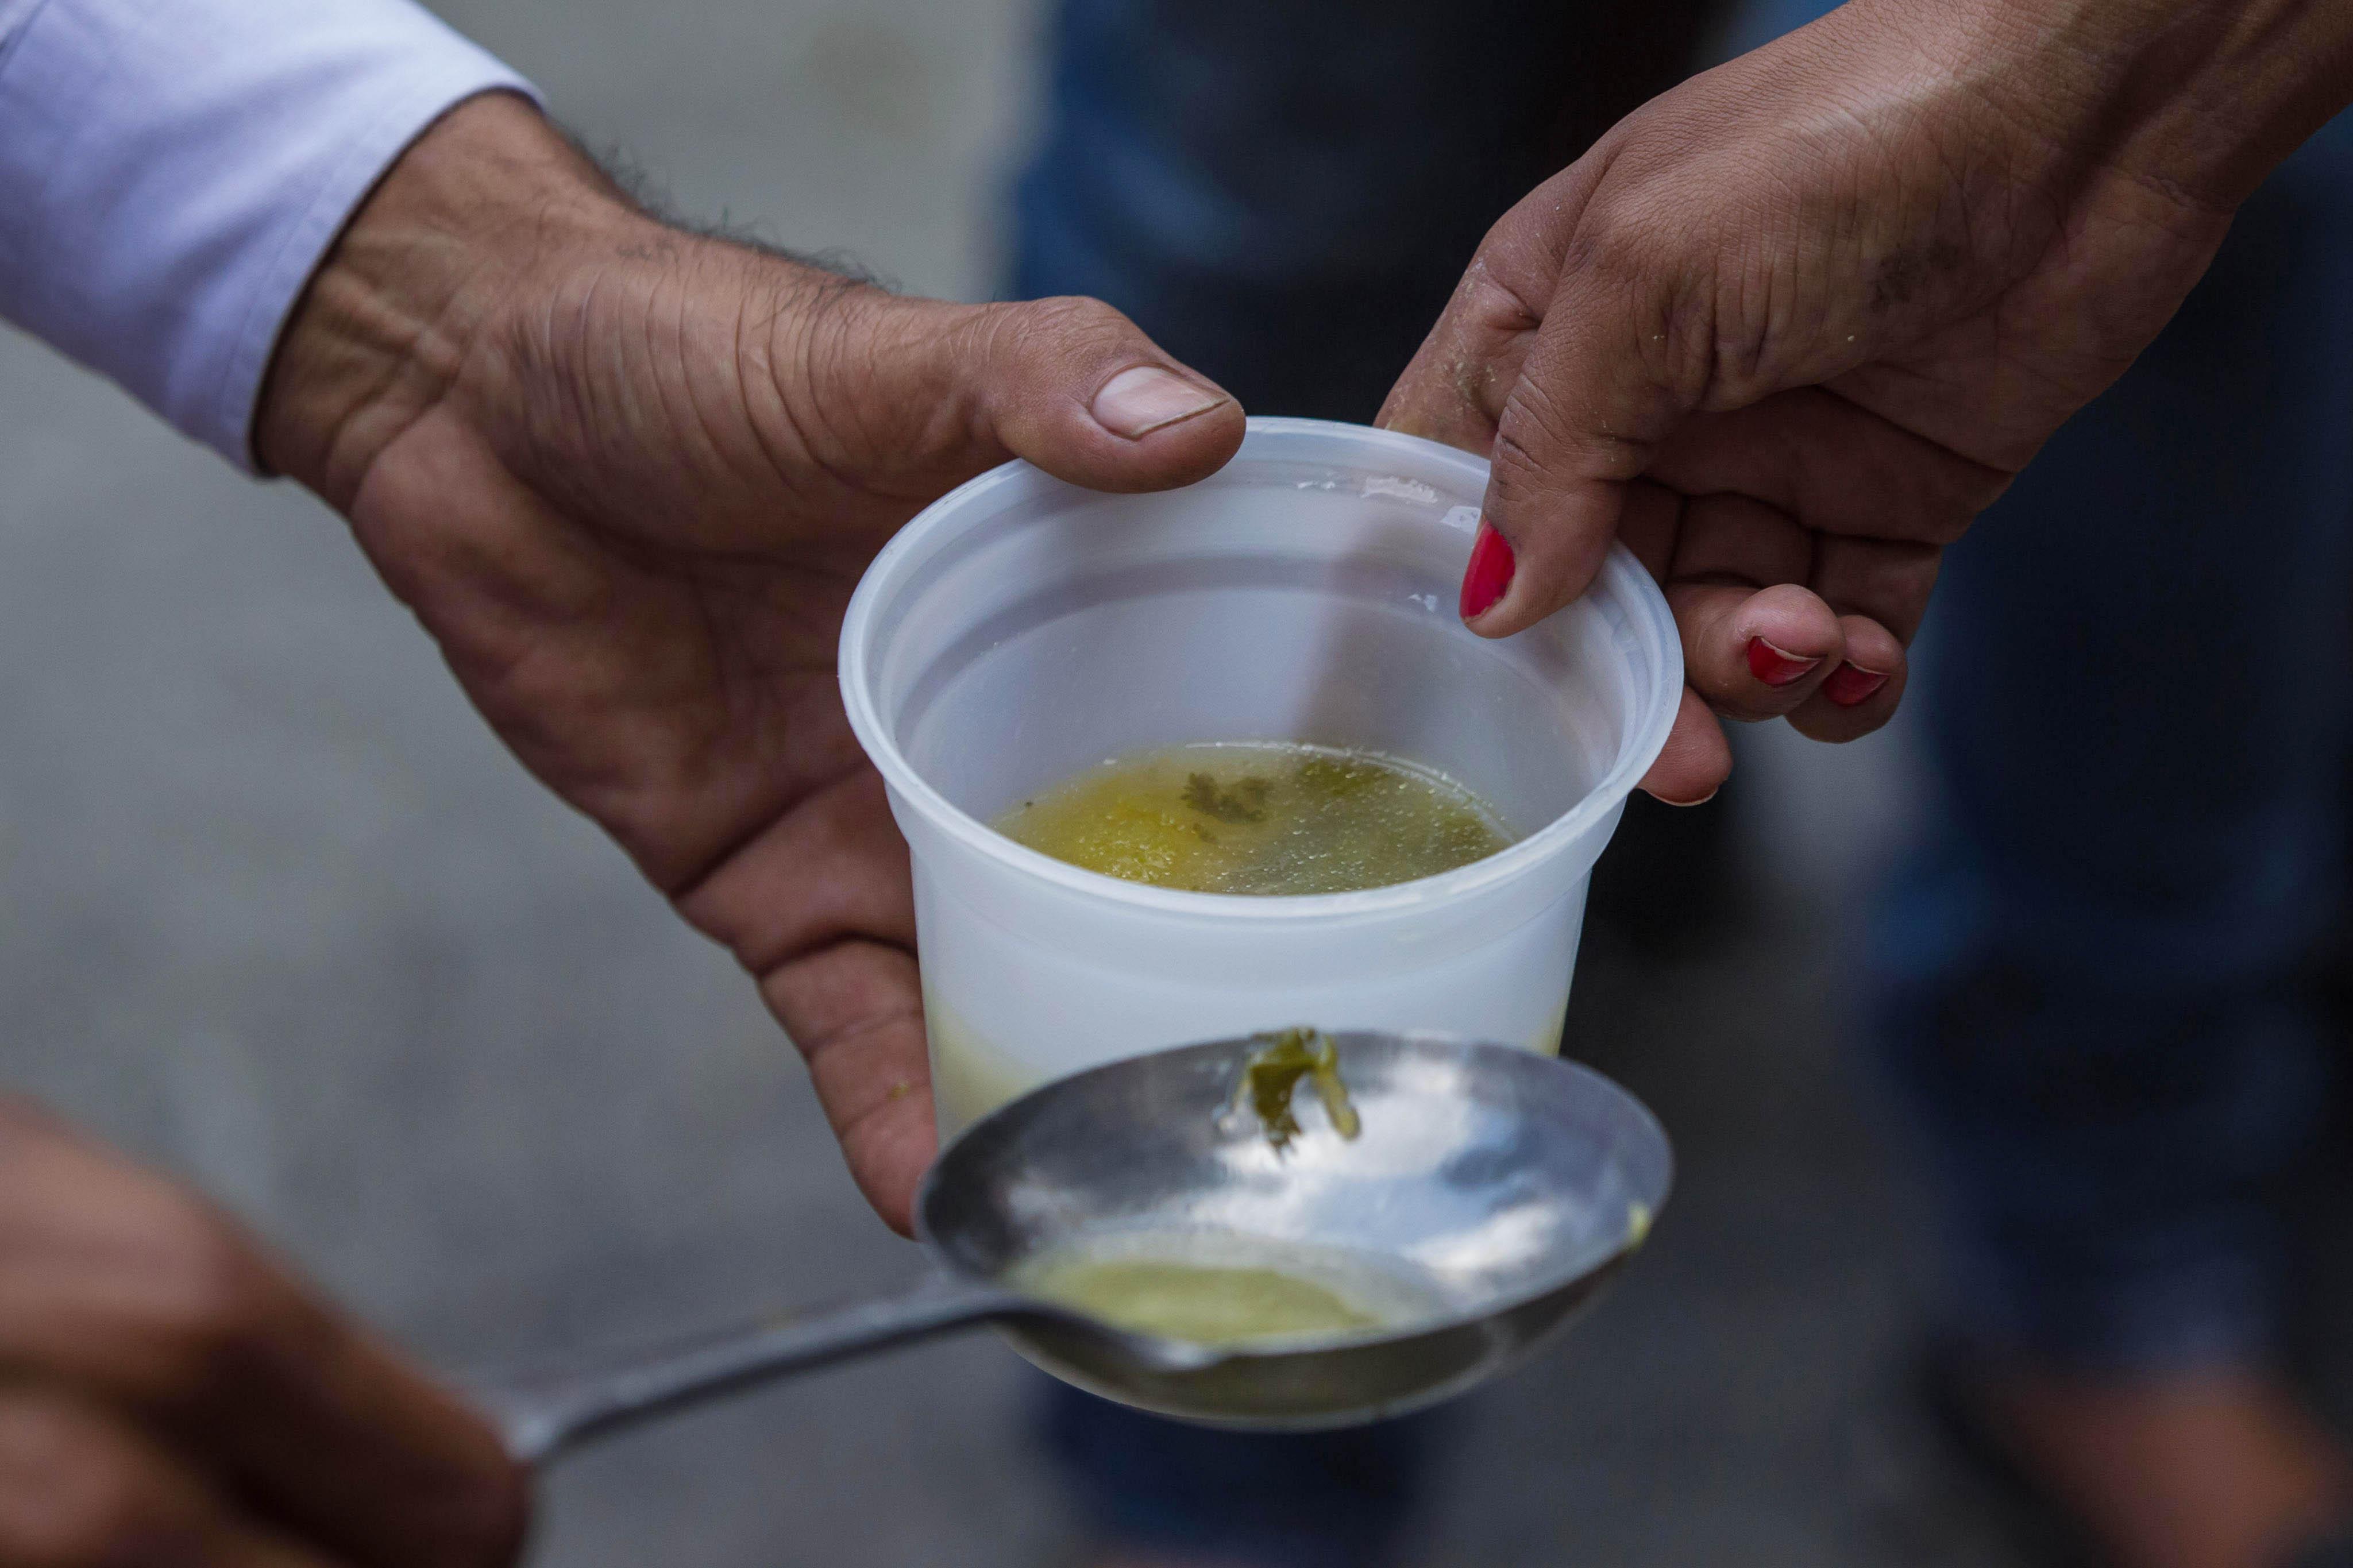 """CAR06. CARACAS (VENEZUELA), 10/09/2016.- Un grupo de personas preparan un sancocho hoy, s·bado 10 de septiembre del 2016, en la ciudad de Caracas (Venezuela). En el barrio la UniÛn, ubicado en la favela m·s grande de AmÈrica Latina asentada en el este de Caracas, se preparÛ hoy un gran """"sancocho"""" como se le conoce en Venezuela a la sopa cocinada con varios tipos de verduras y carnes, para alimentar a los vecinos, muchos de ellos con varios dÌas de hambre. EFE/MIGUEL GUTI…RREZ"""